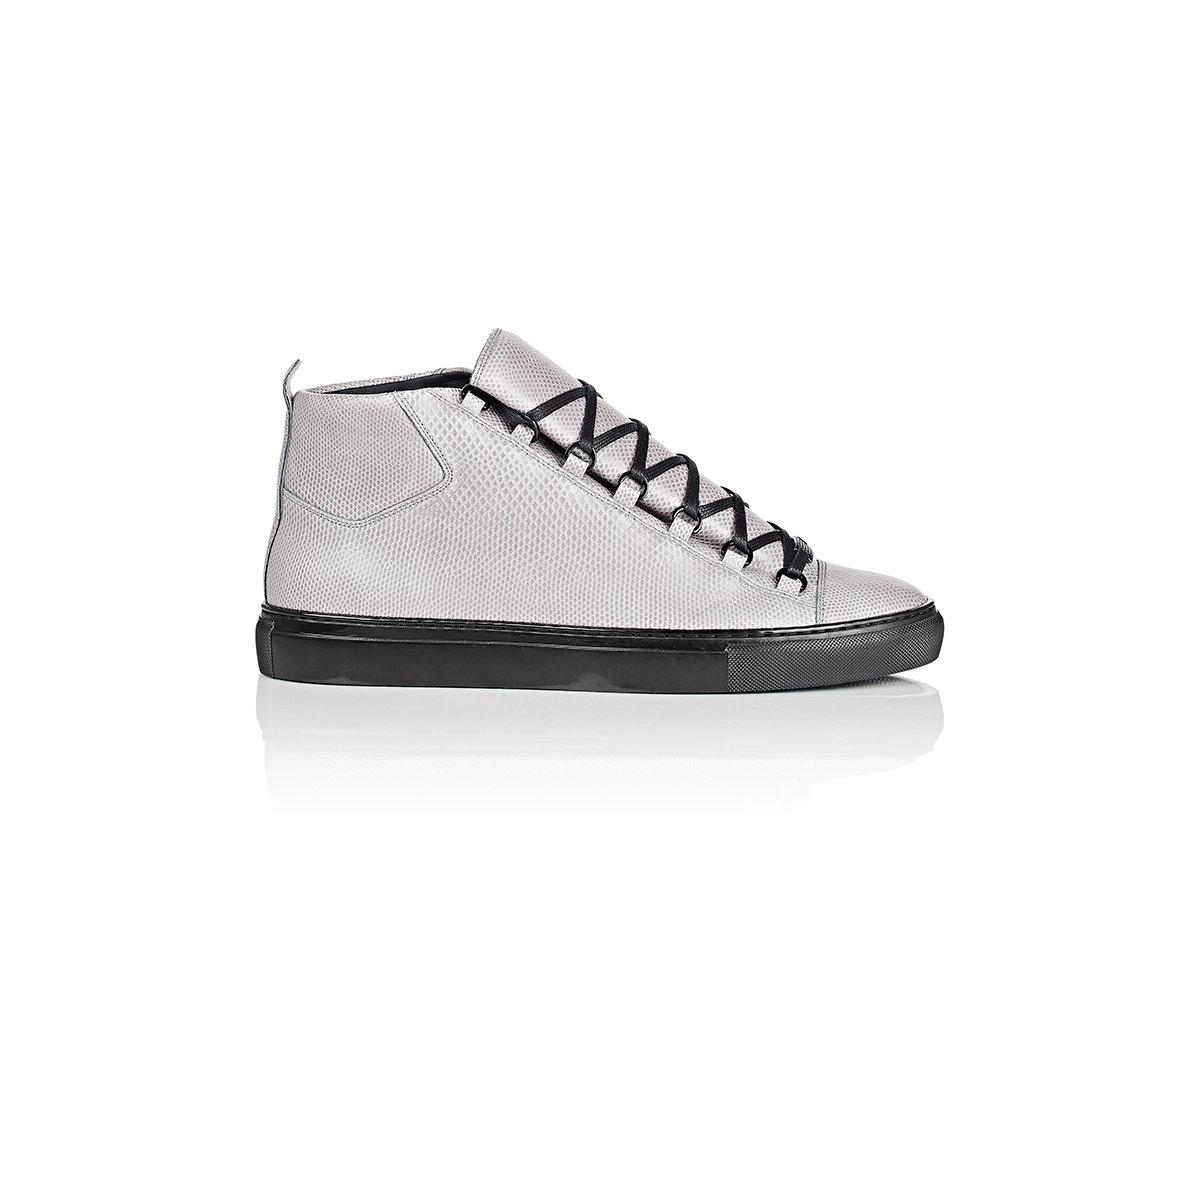 8a67621d0e0c1 Lyst - Balenciaga Snakeskin Arena High-top Sneakers in Gray for Men